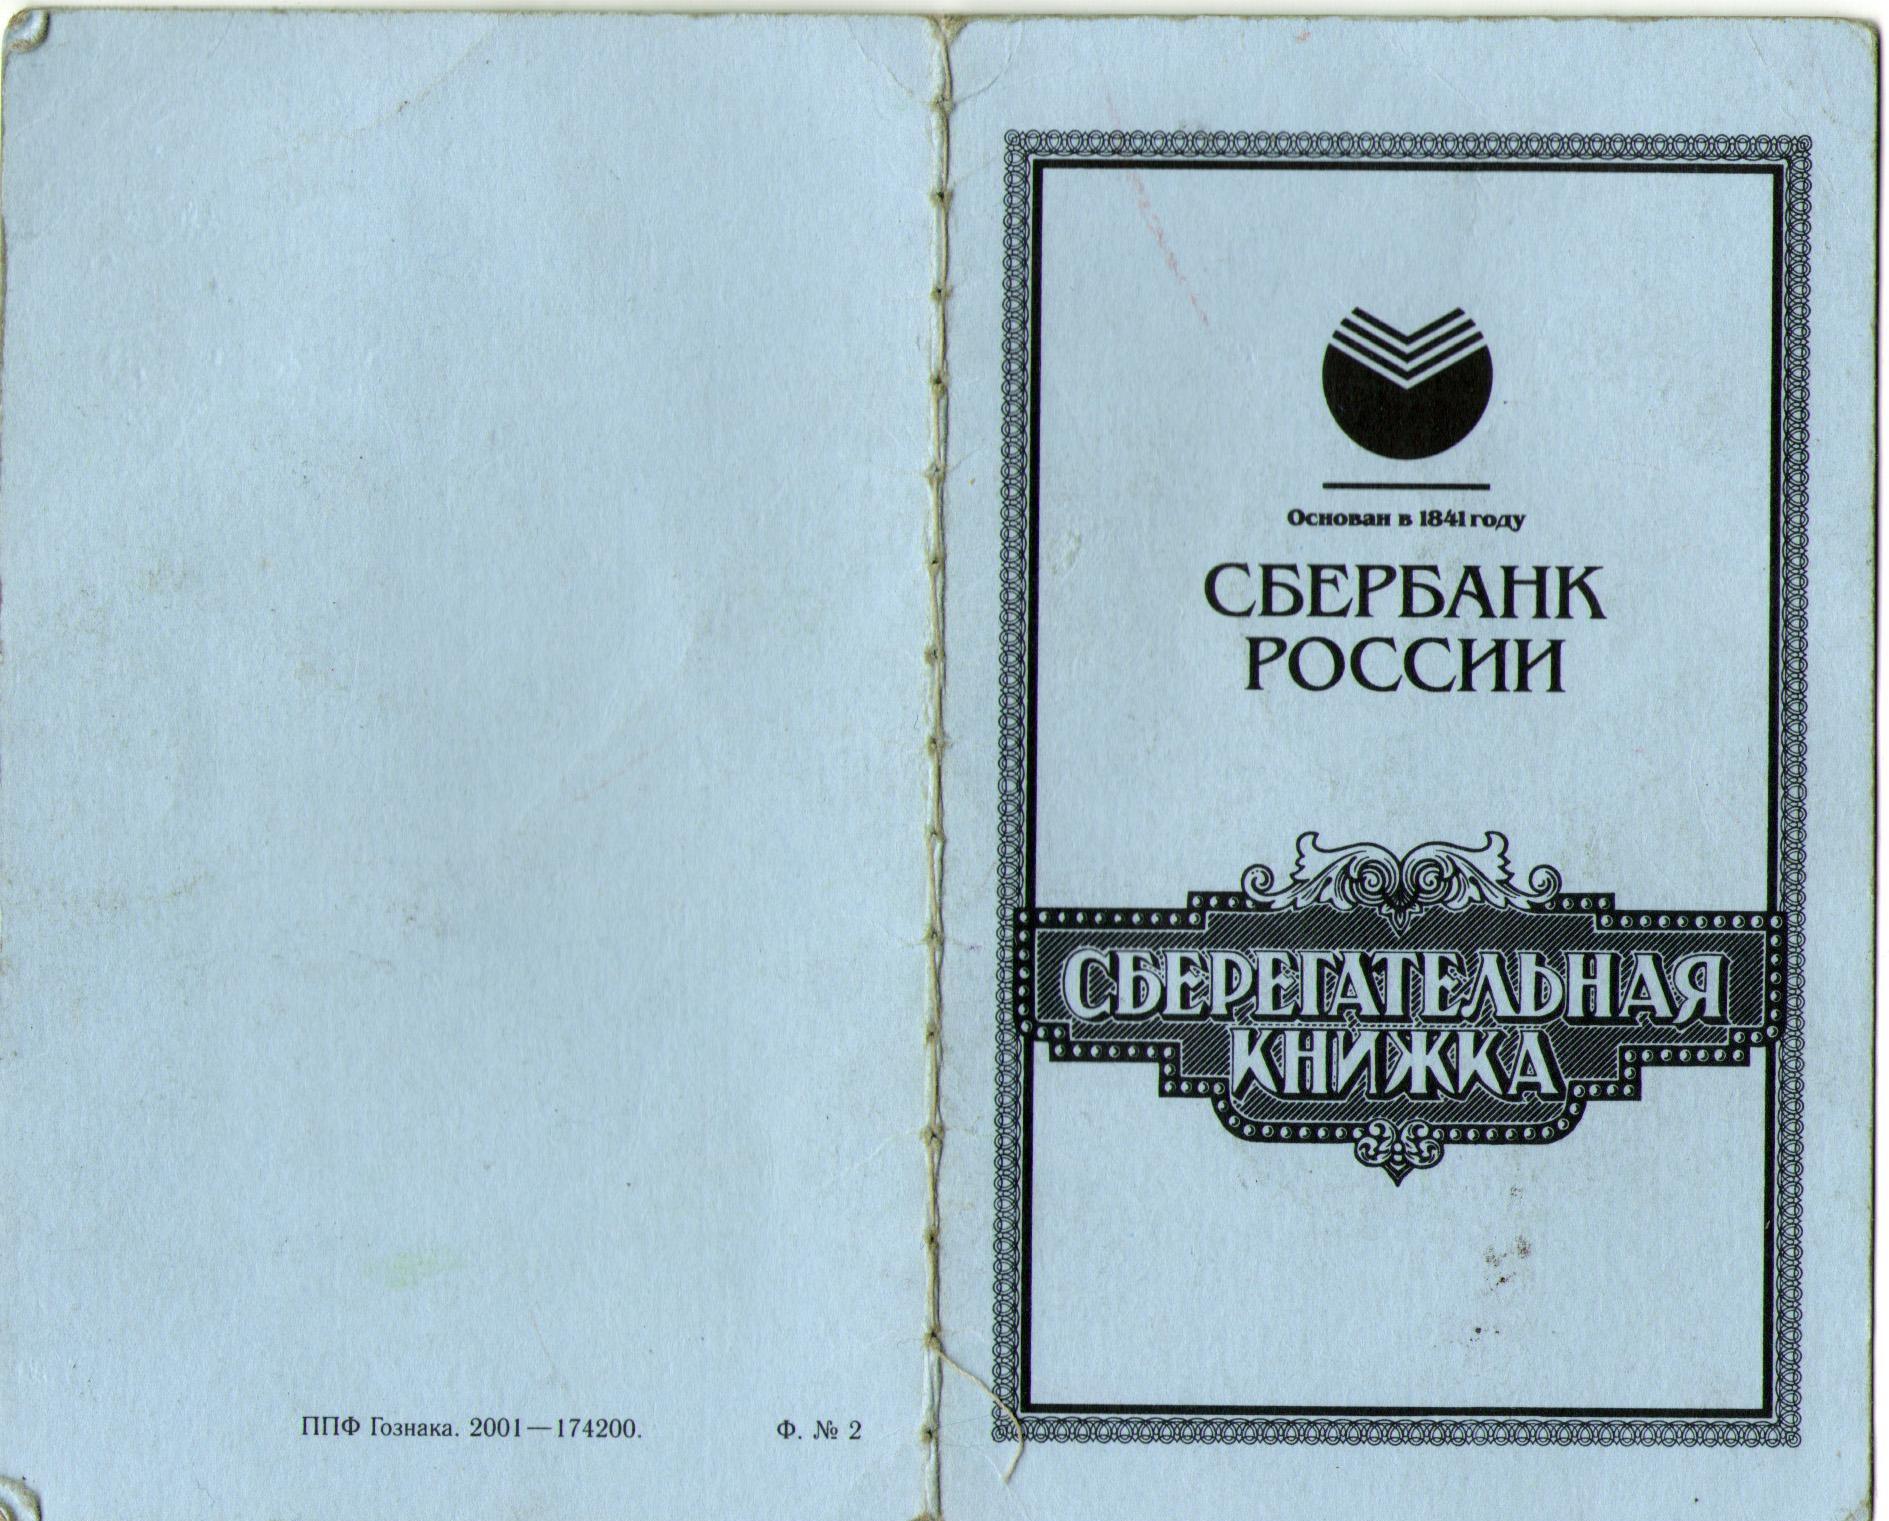 Картинка обложка сберегательной книжки